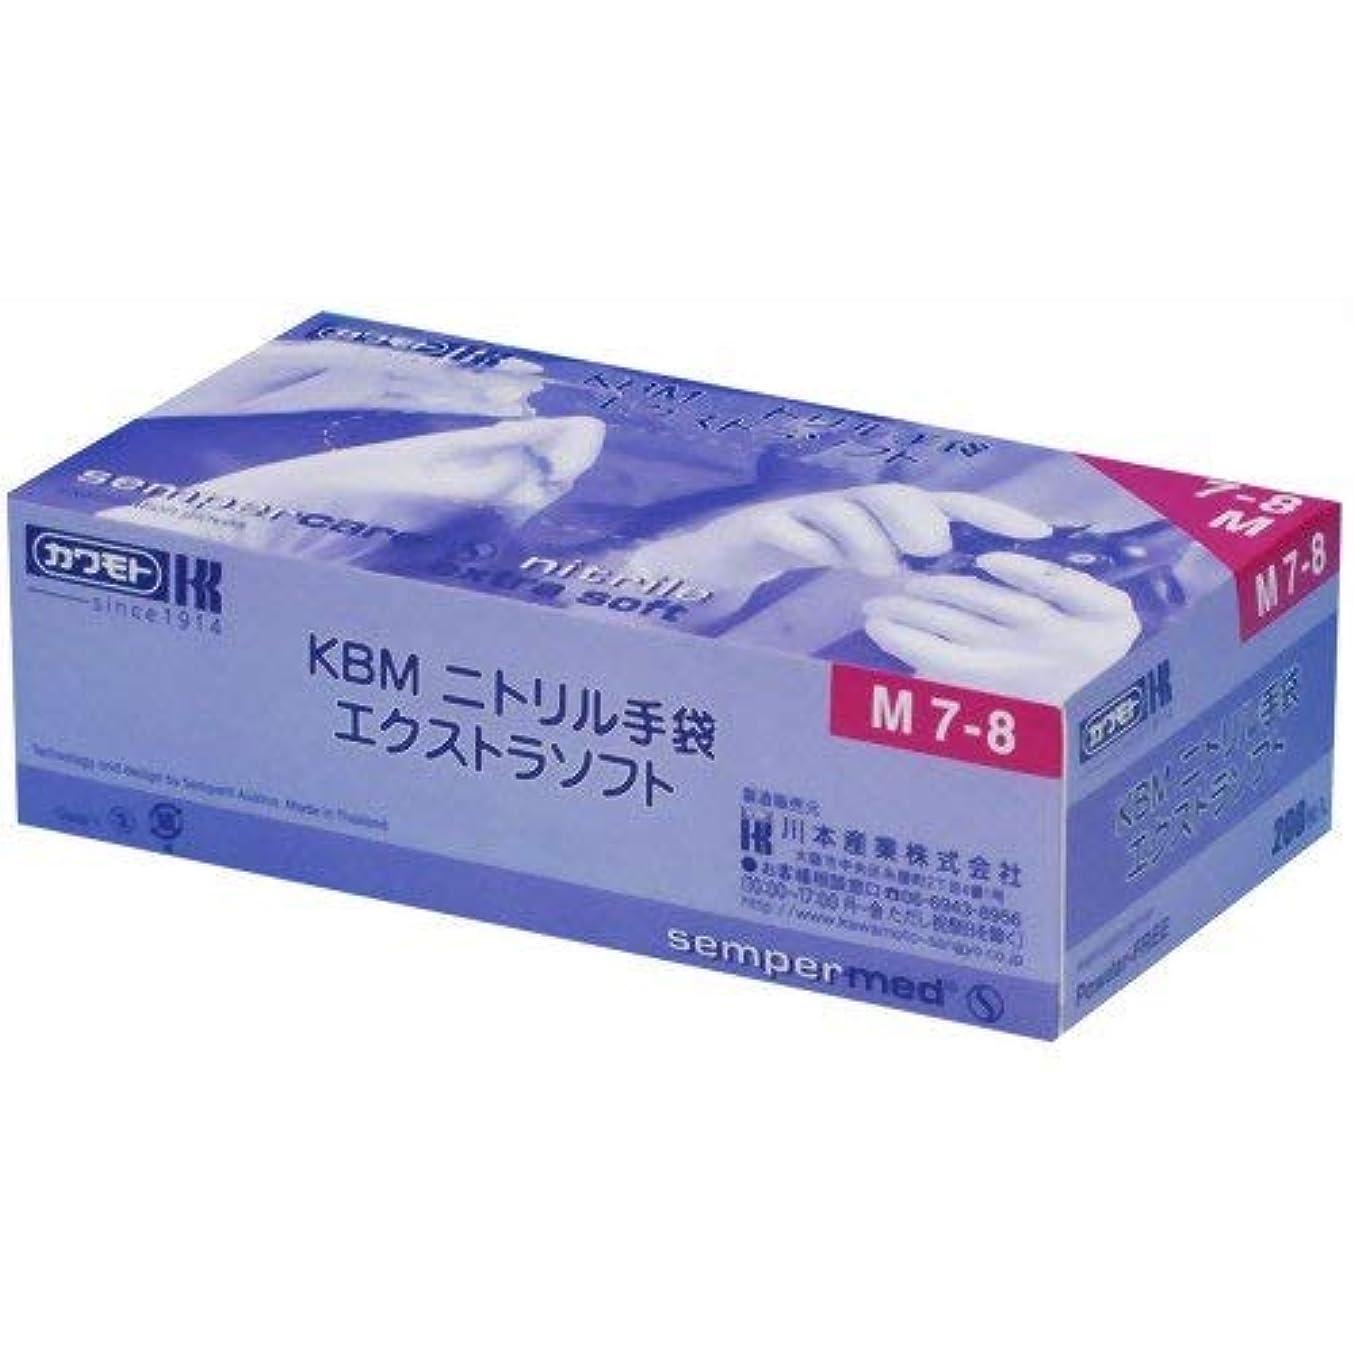 タクト持続的弁護川本産業 KBMニトリル手袋 エクストラソフト S 200枚入 × 48個セット